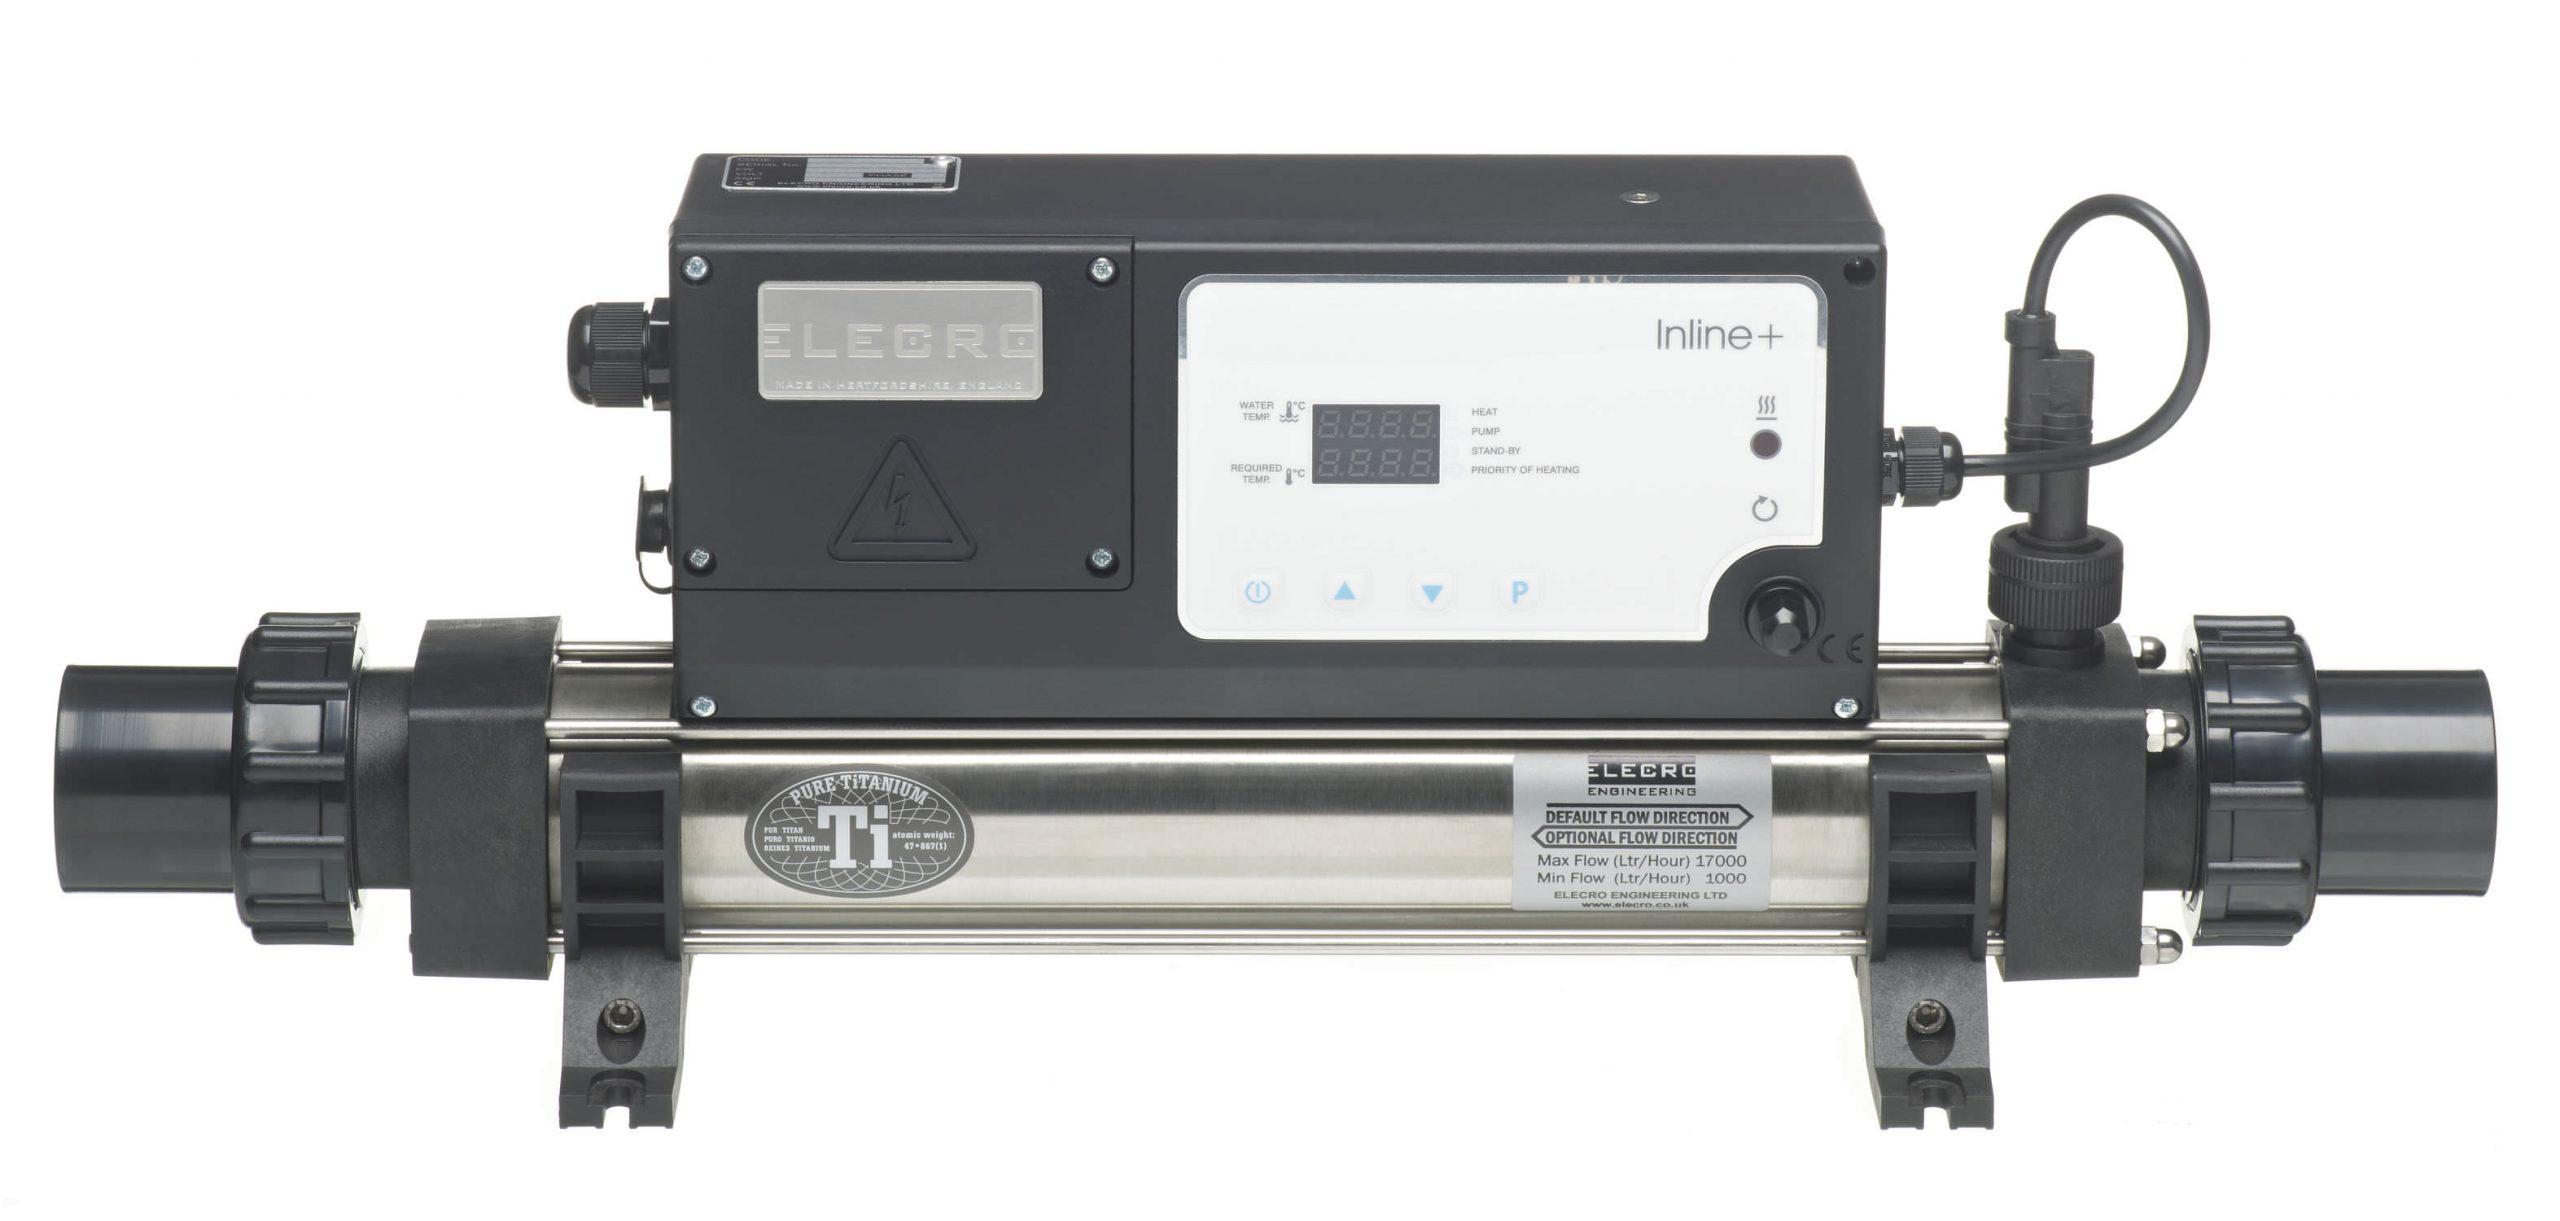 Réchauffeur Pour Piscine Électrique - In-Line+ - Elecro ... à Réchauffeur Piscine